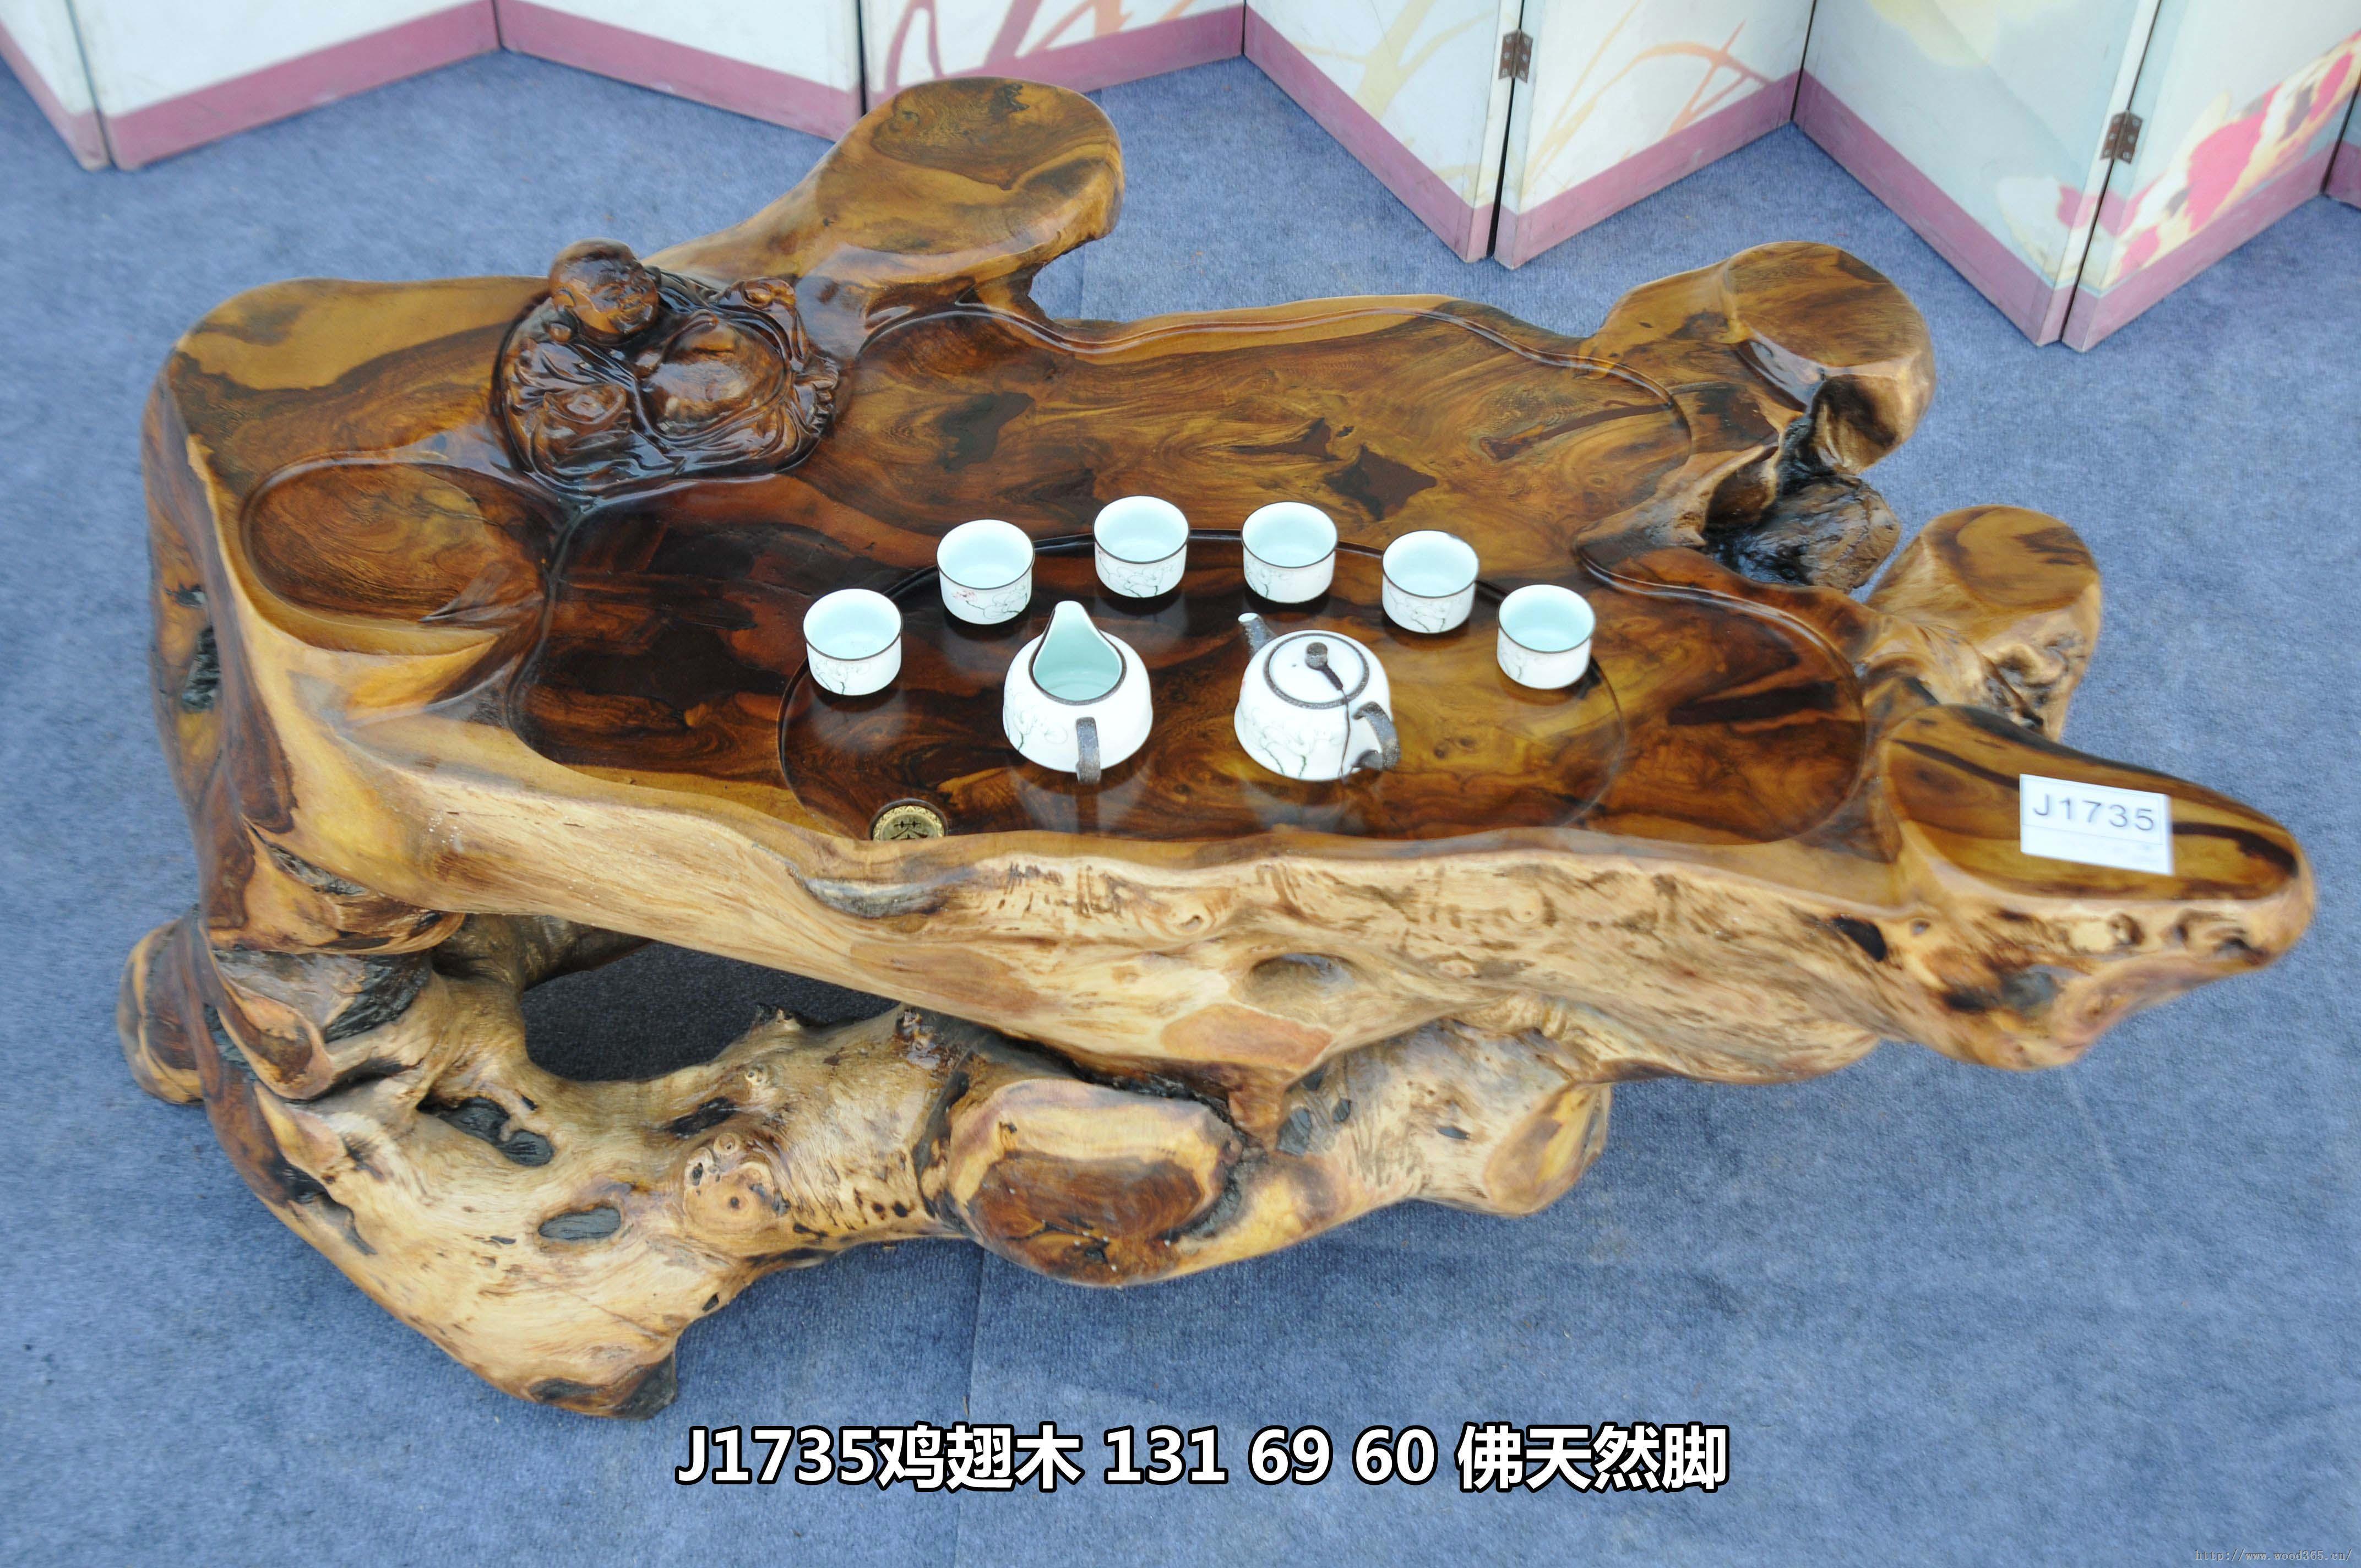 鸡翅木根雕茶几茶桌 天然树根茶台 茶海木雕茶桌 厂家直销